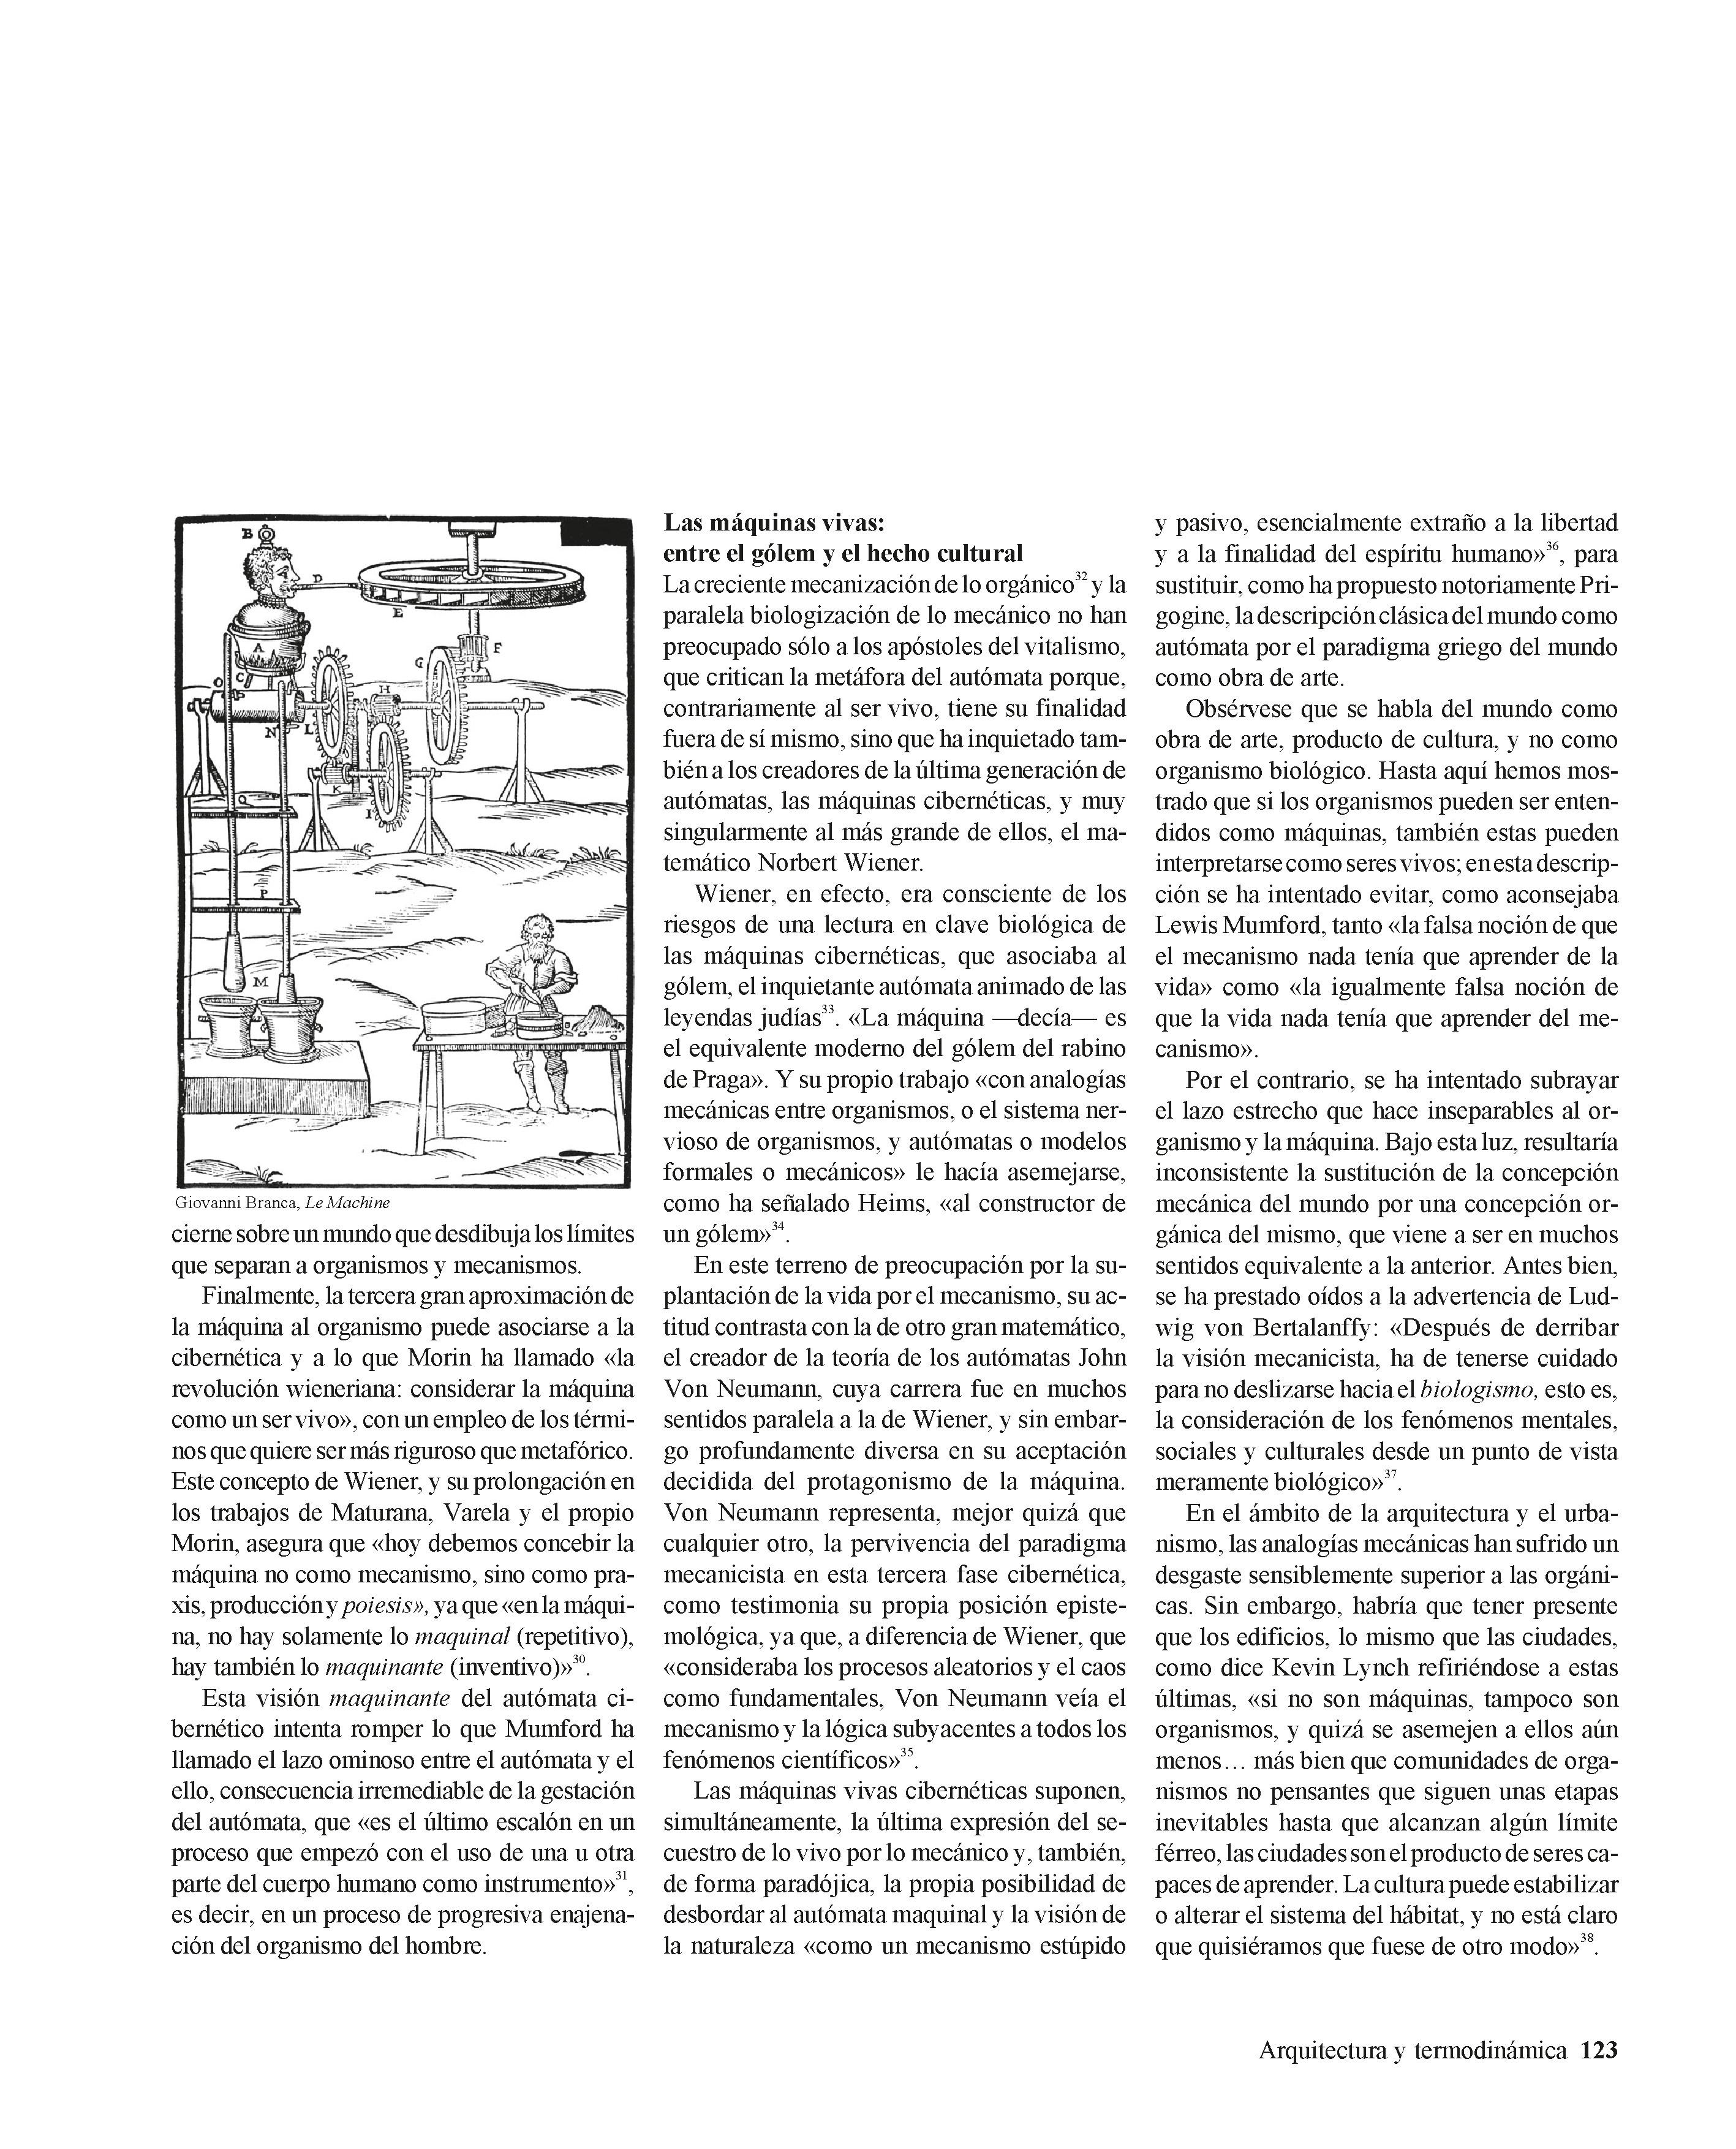 Empeños sostenibles + Fracturas y ficciones